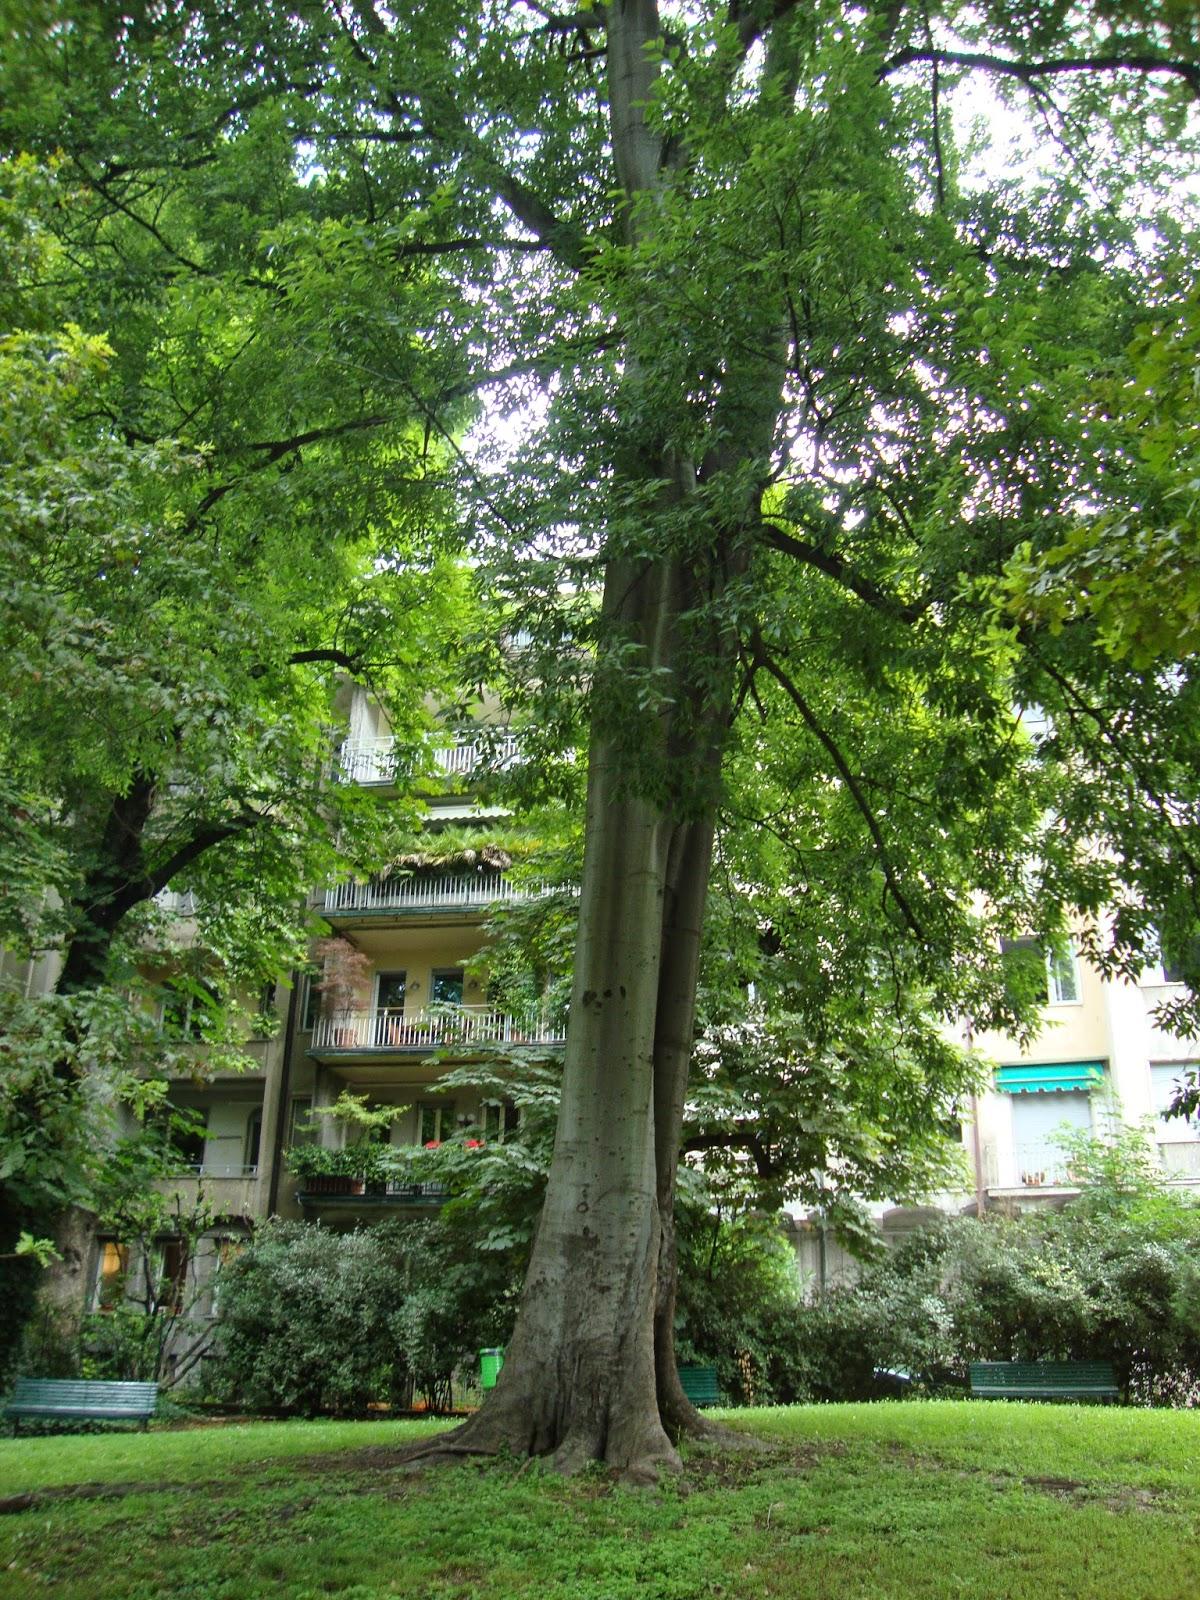 Un piccolo giardino in citt alla scoperta dei giardini - Cespugli da giardino ...